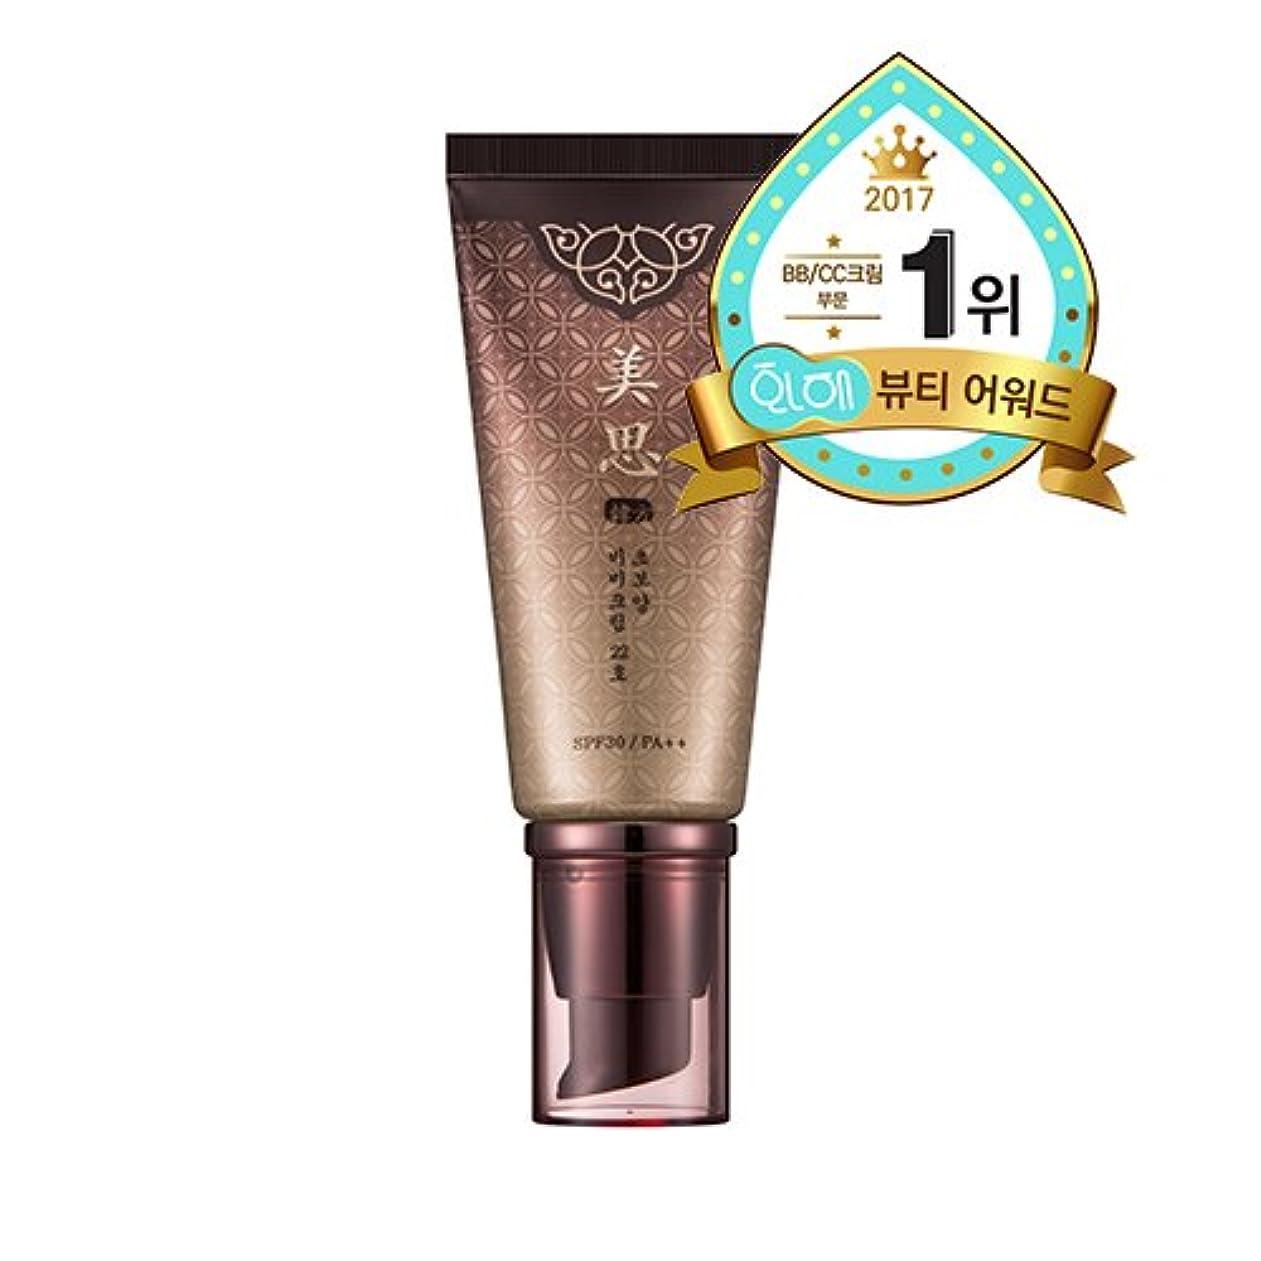 収入つかいます領事館MISSHA Choboyang BB Cream #22/ミシャ 美思 超補養 (チョボヤン) BBクリーム SPF30/PA++ 50ml [並行輸入品]